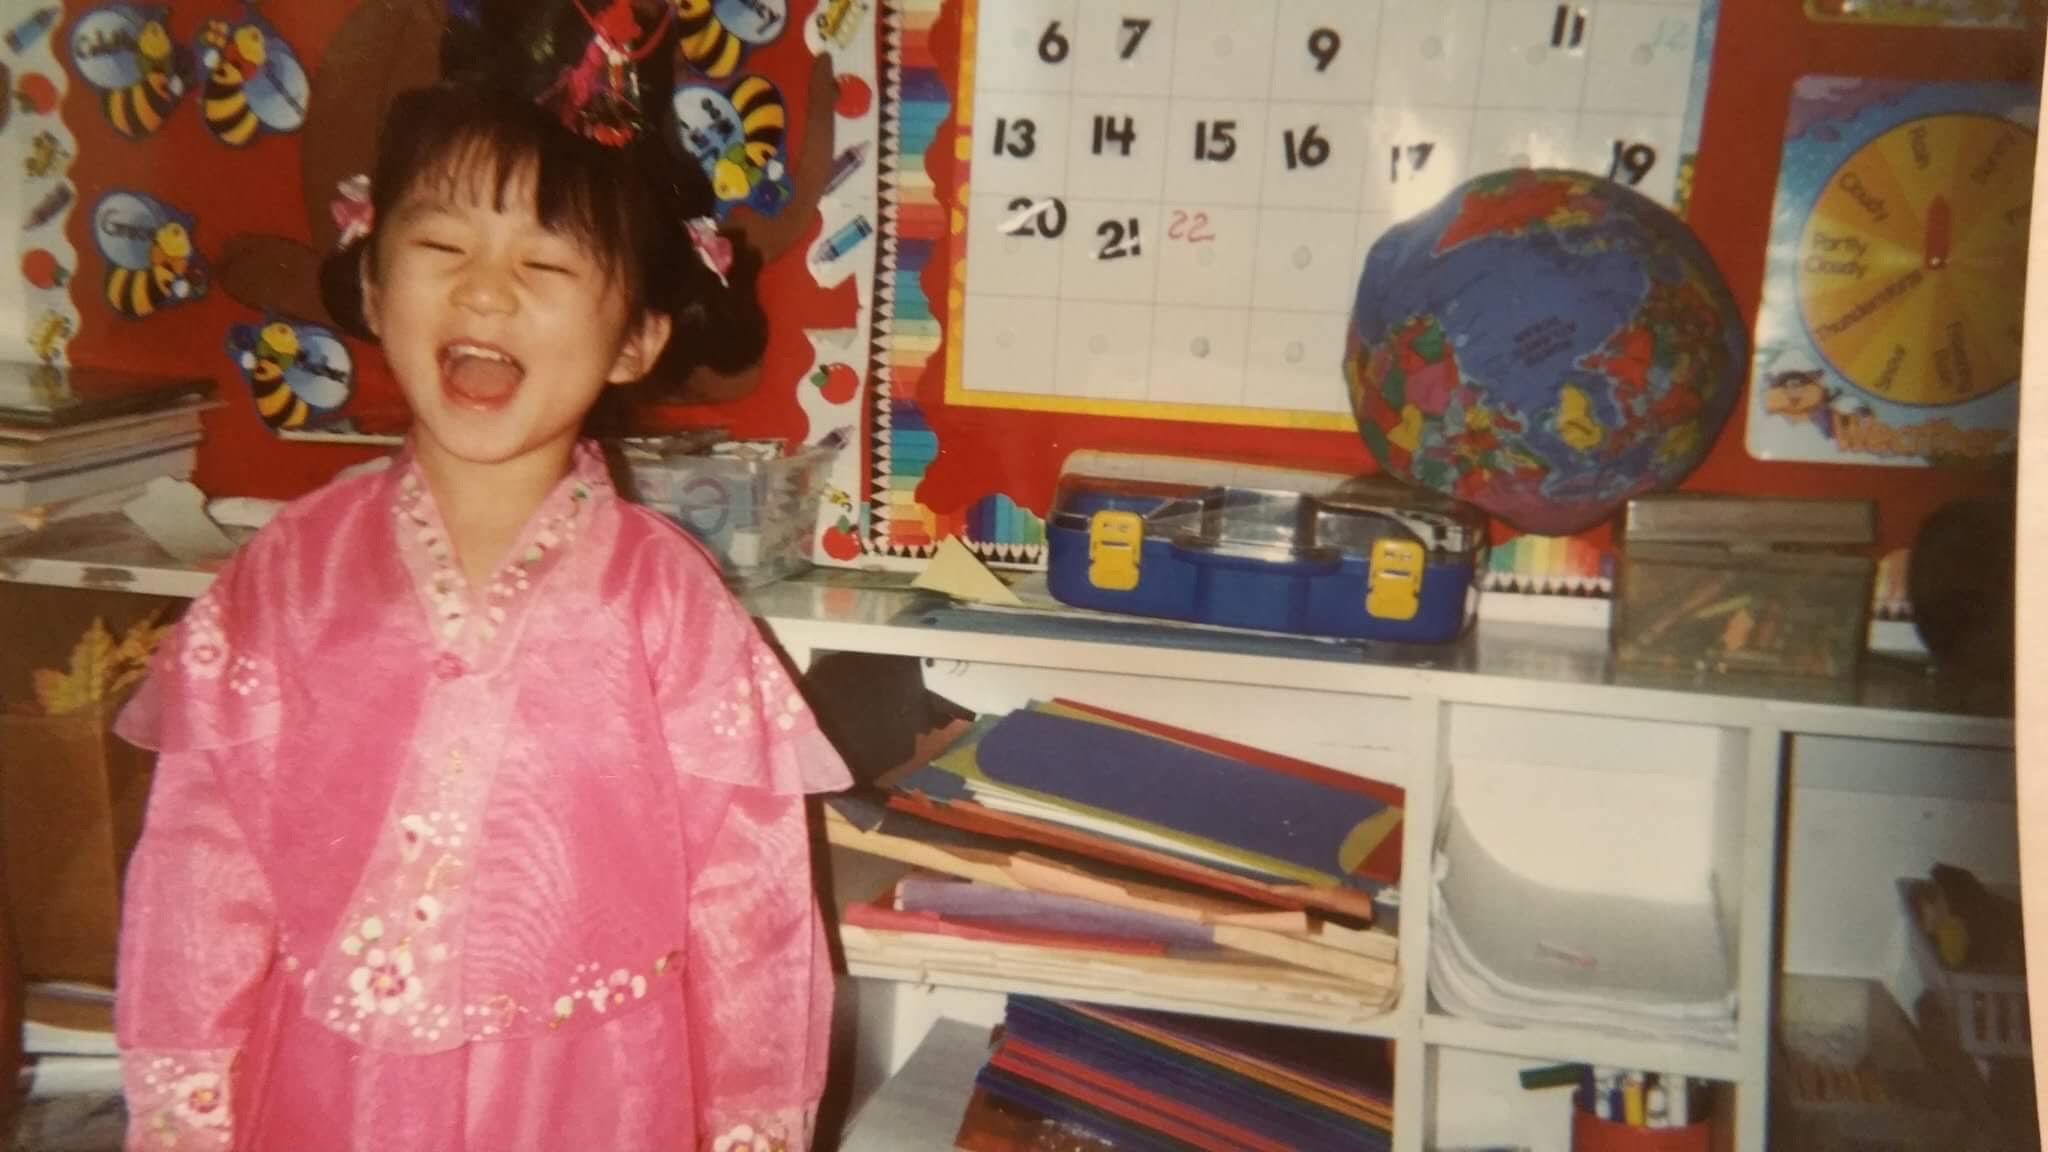 Yuni wearing a hanbok to class.